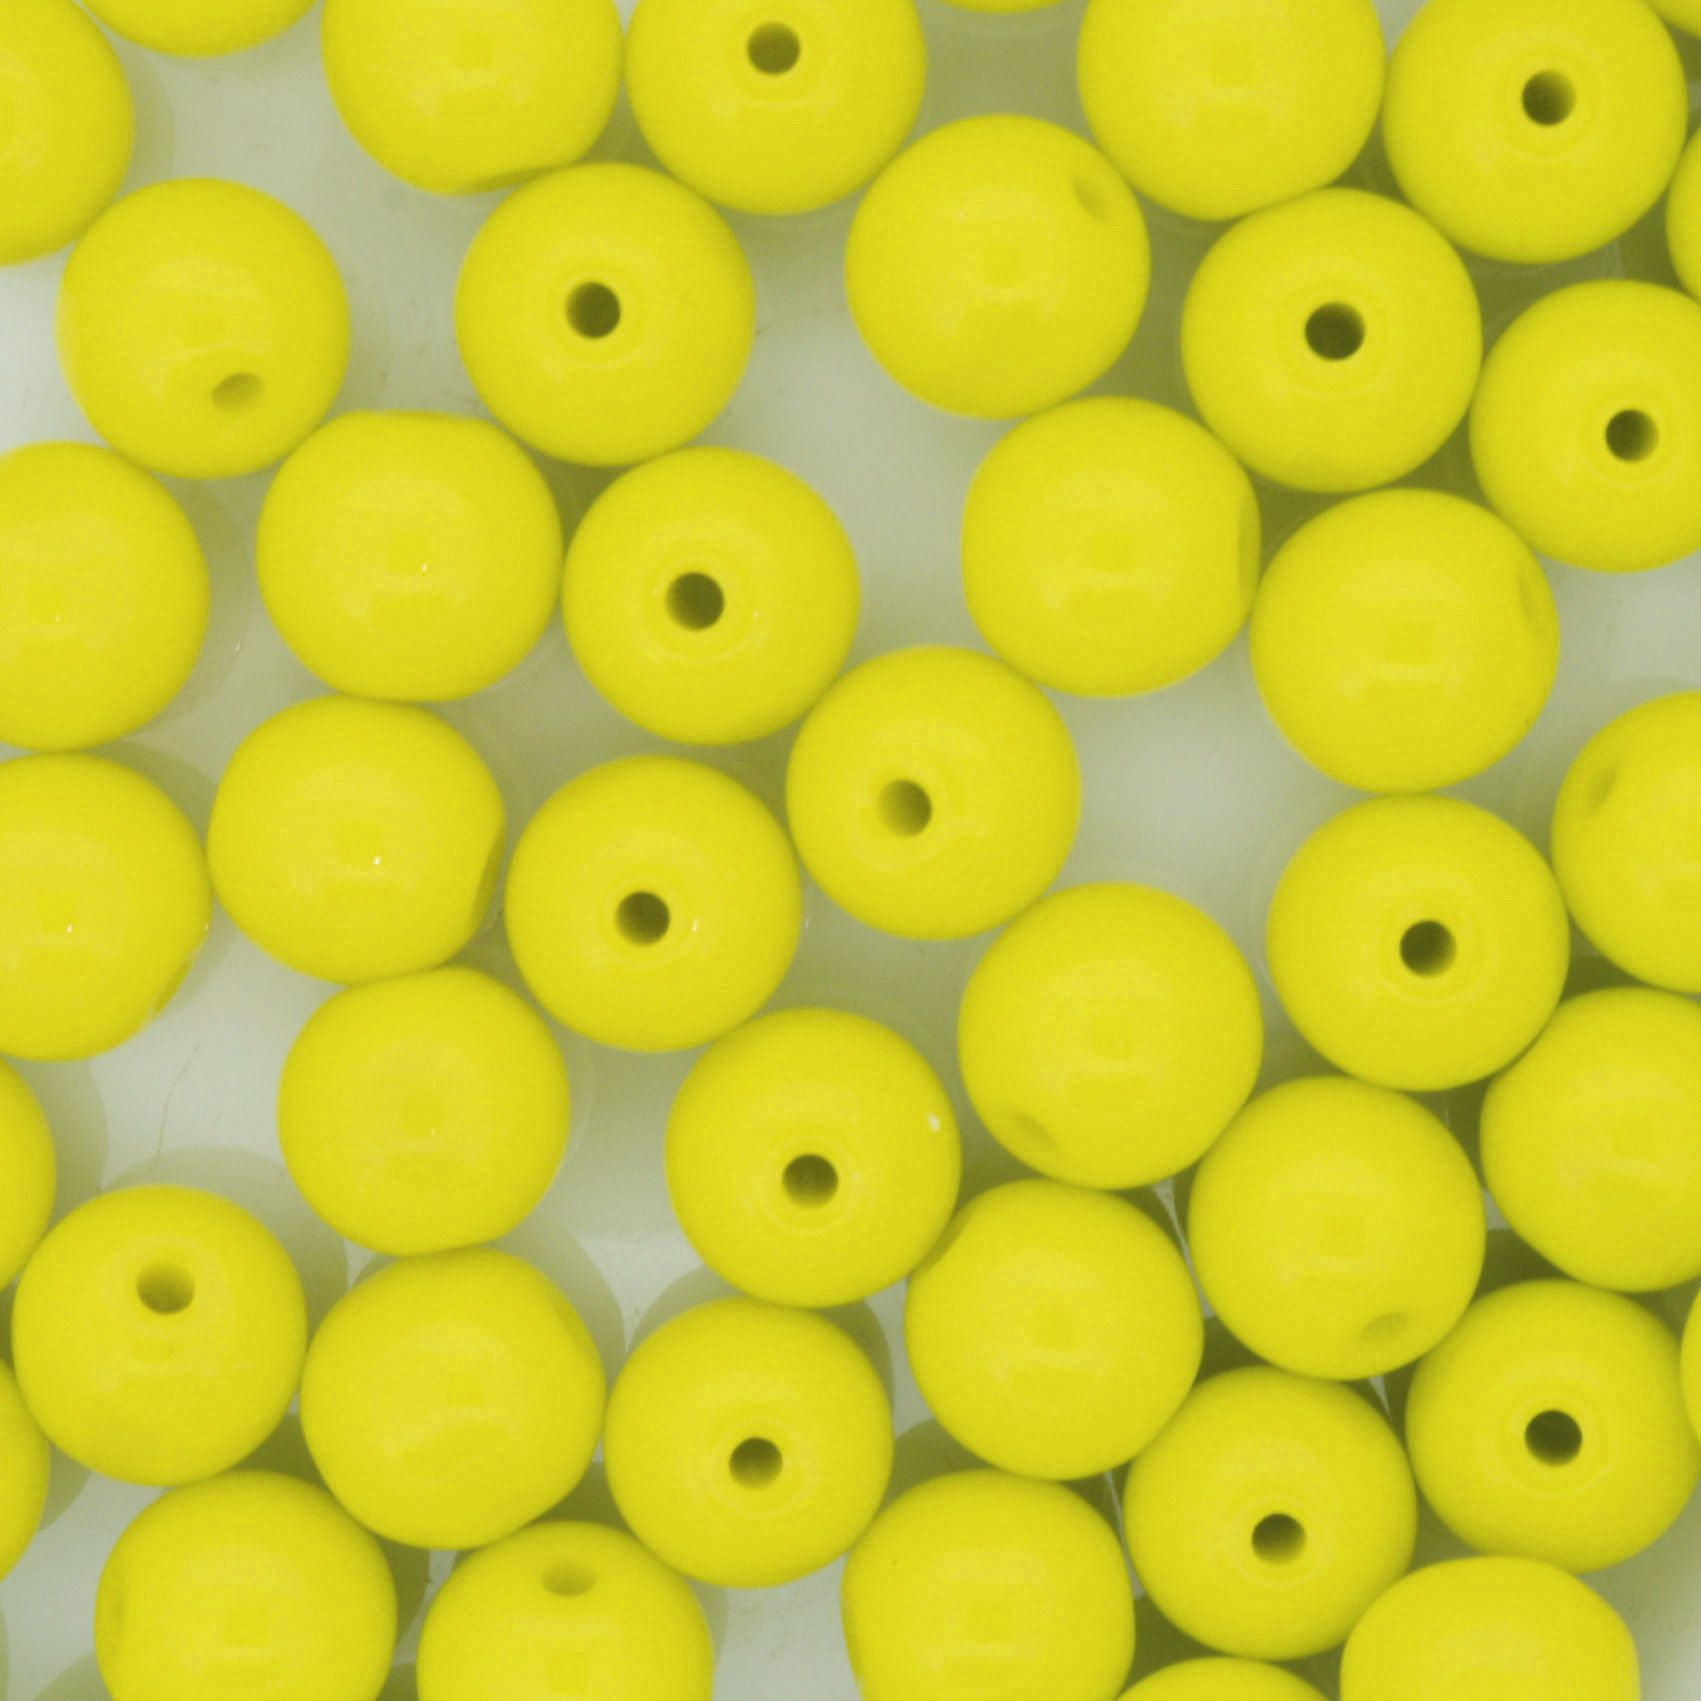 Contas de Porcellana® - Amarela - 8mm  - Universo Religioso® - Artigos de Umbanda e Candomblé